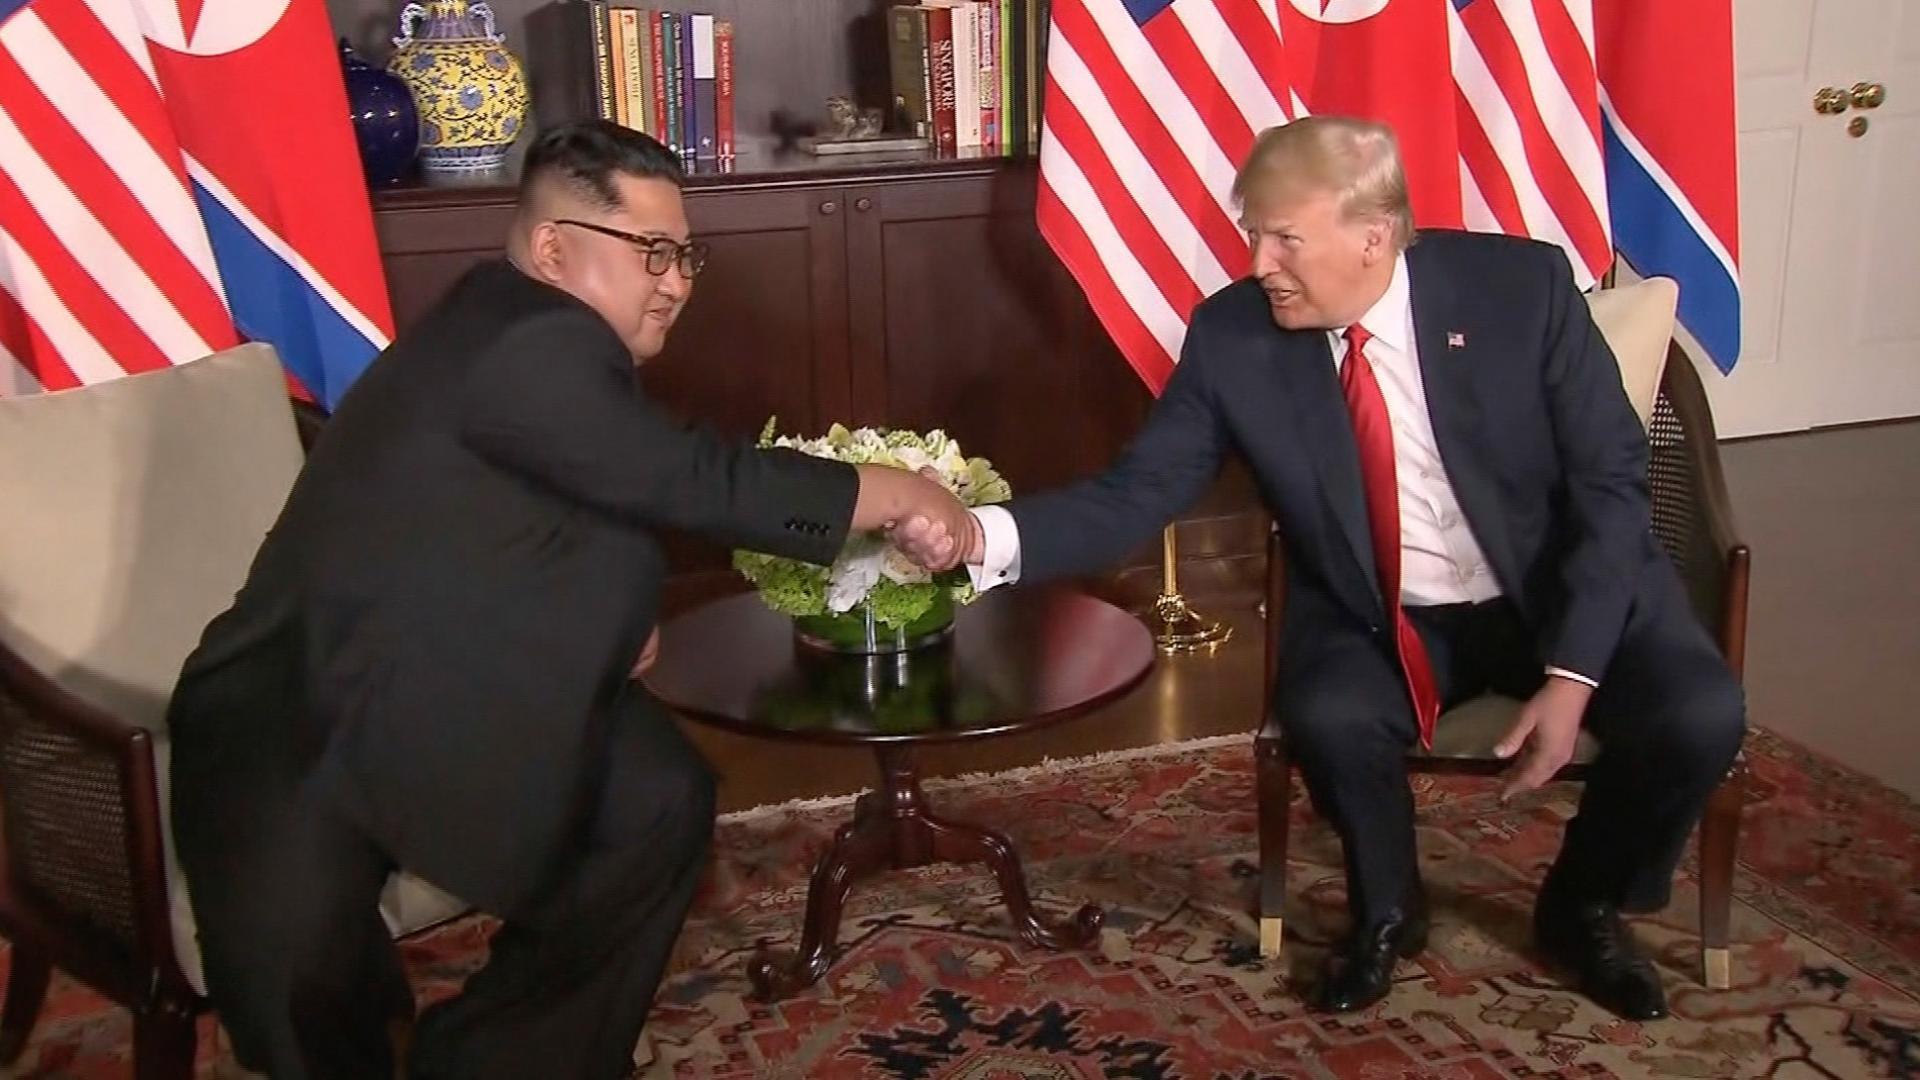 تقرير للأمم المتحدة: كوريا الشمالية تخفي الأسلحة النووية وتنتهك العقوبات